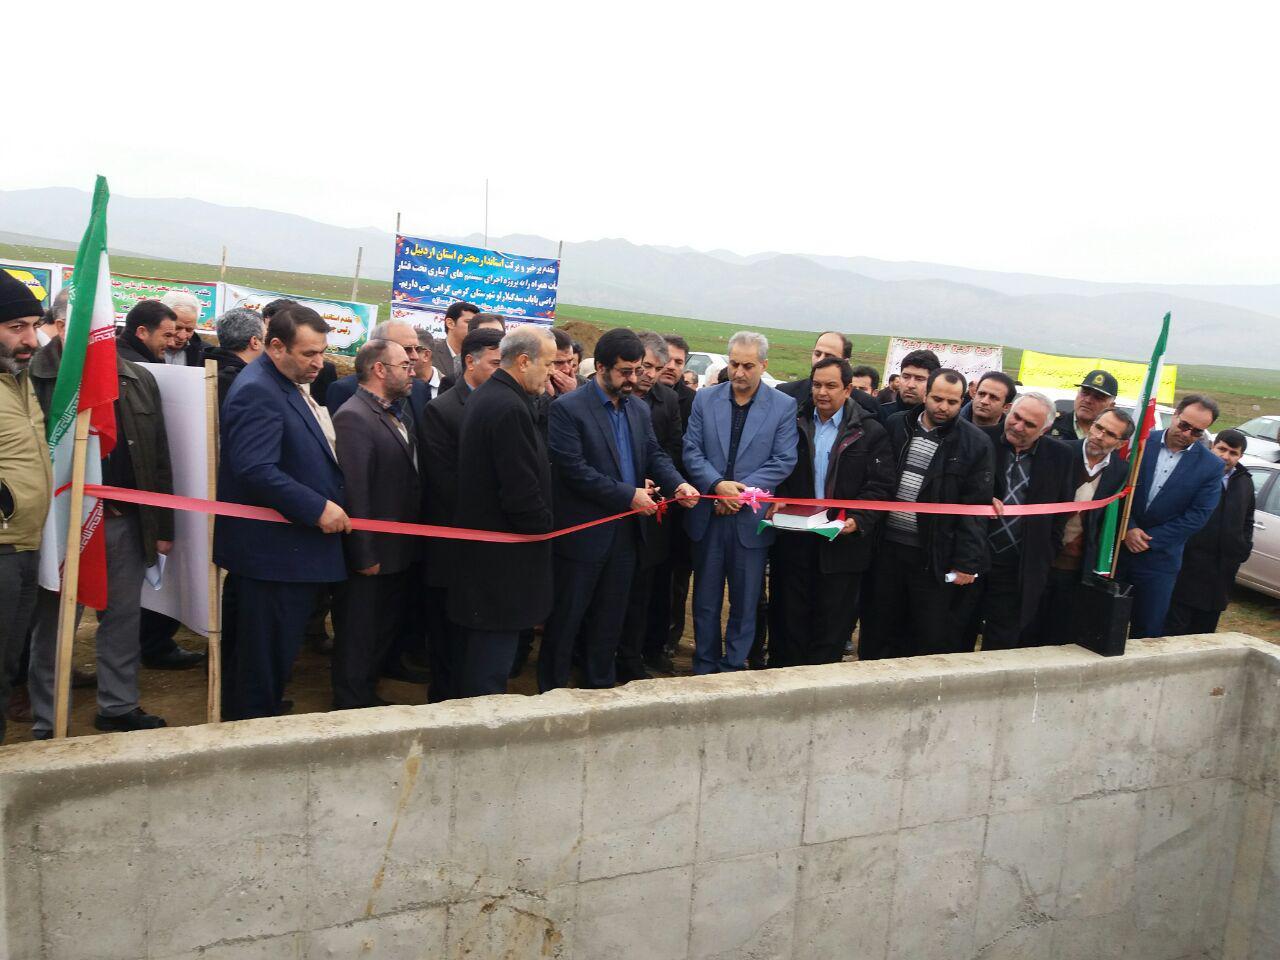 افتتاح فاز یک پروژه آبیاری تحت فشار پایاب سد گیلارلو